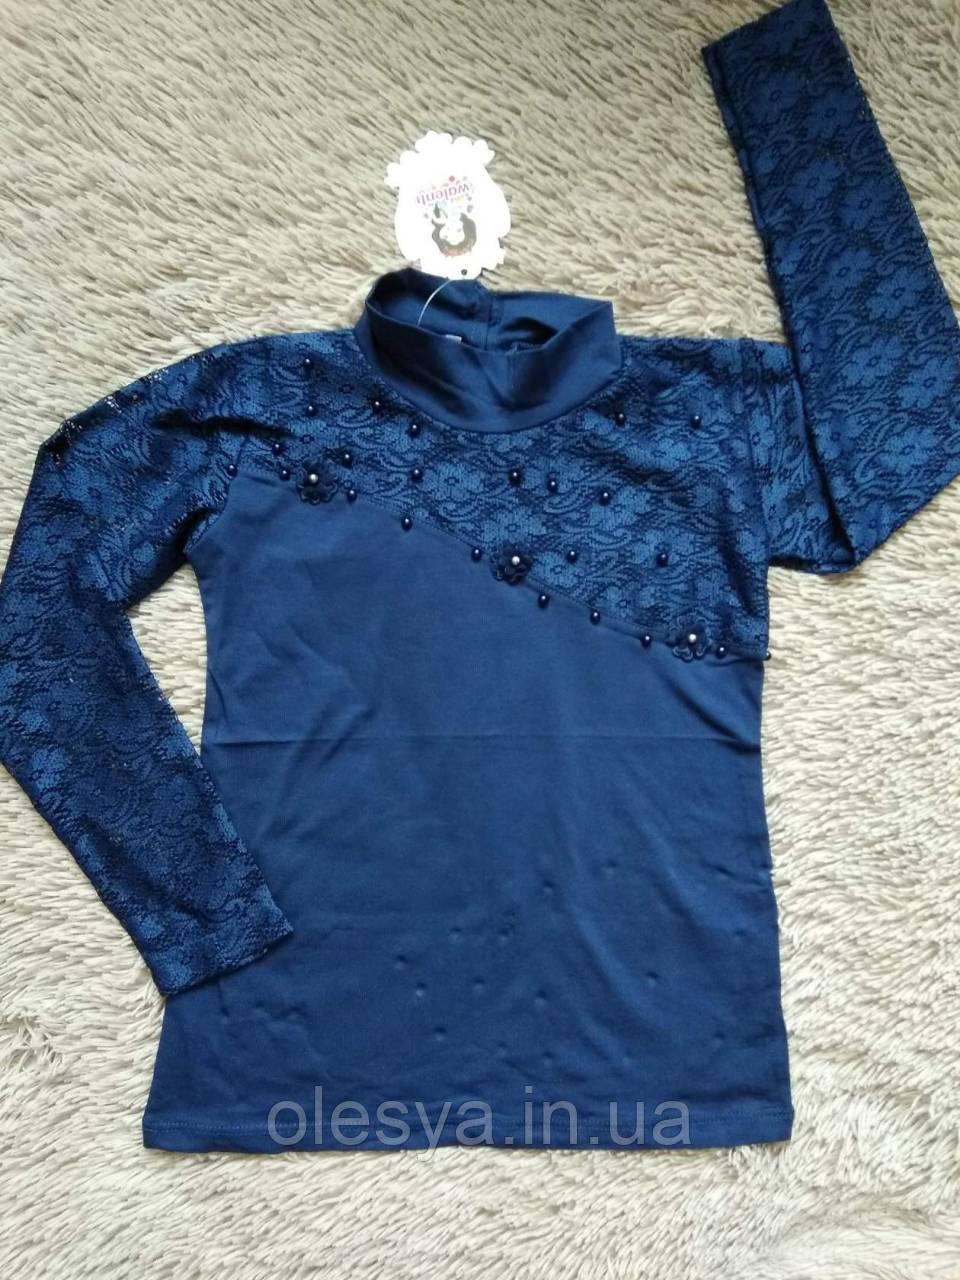 Нарядный кружевной школьный гольф на девочку Синий цвет Размеры 140, 146